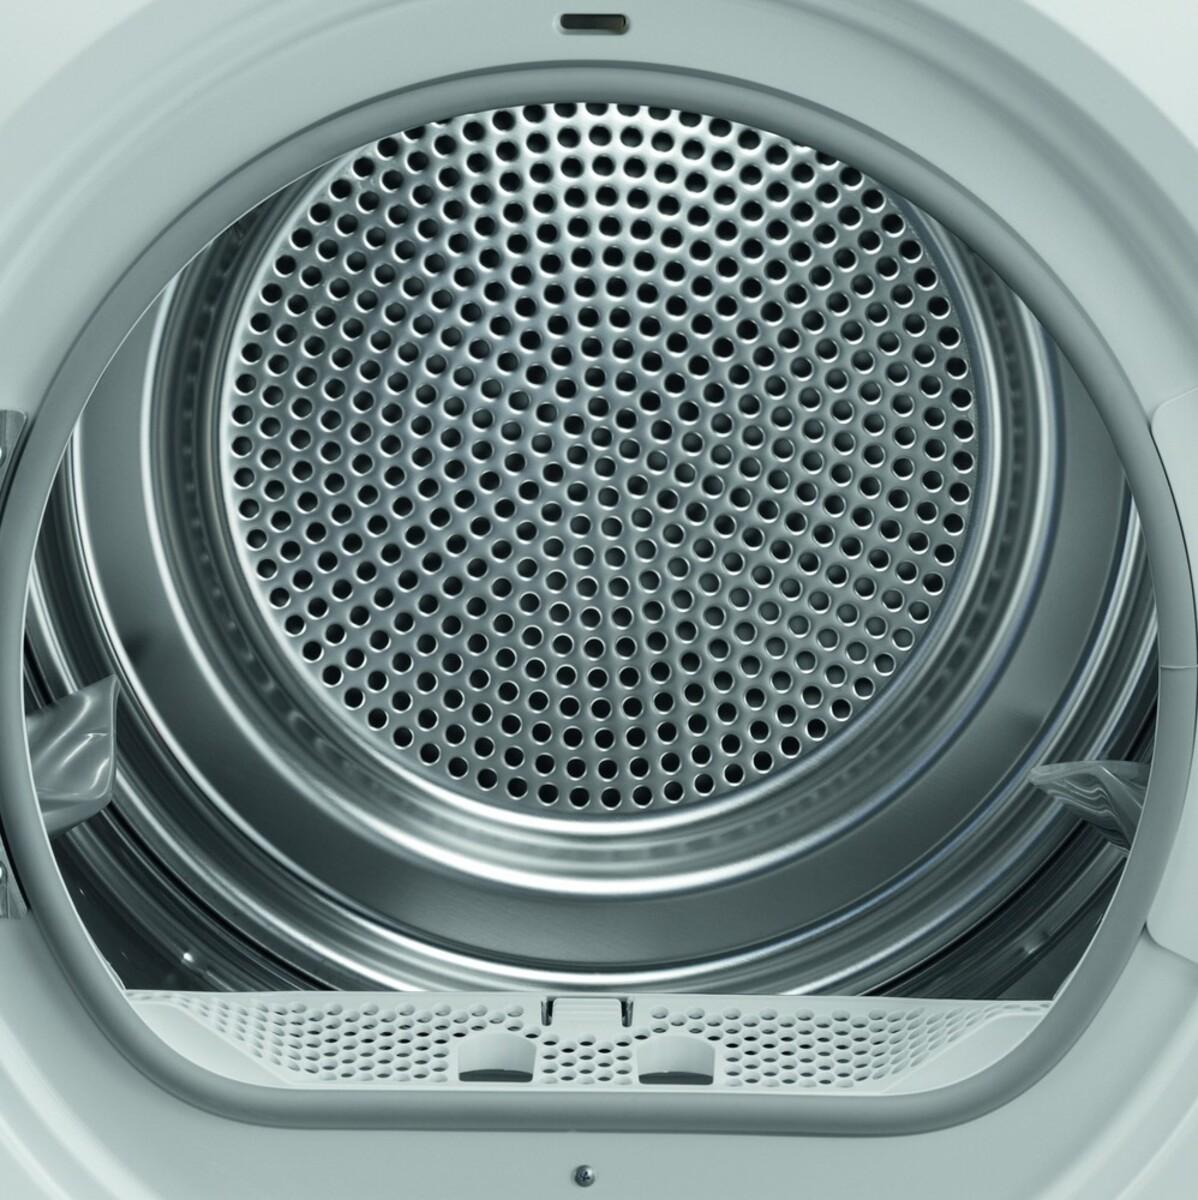 Bild 2 von AEG T9ECOWP Wäschetrockner (Kondensation, Wärmepumpe, freistehend, A+++, 8 kg, Serie 9000)